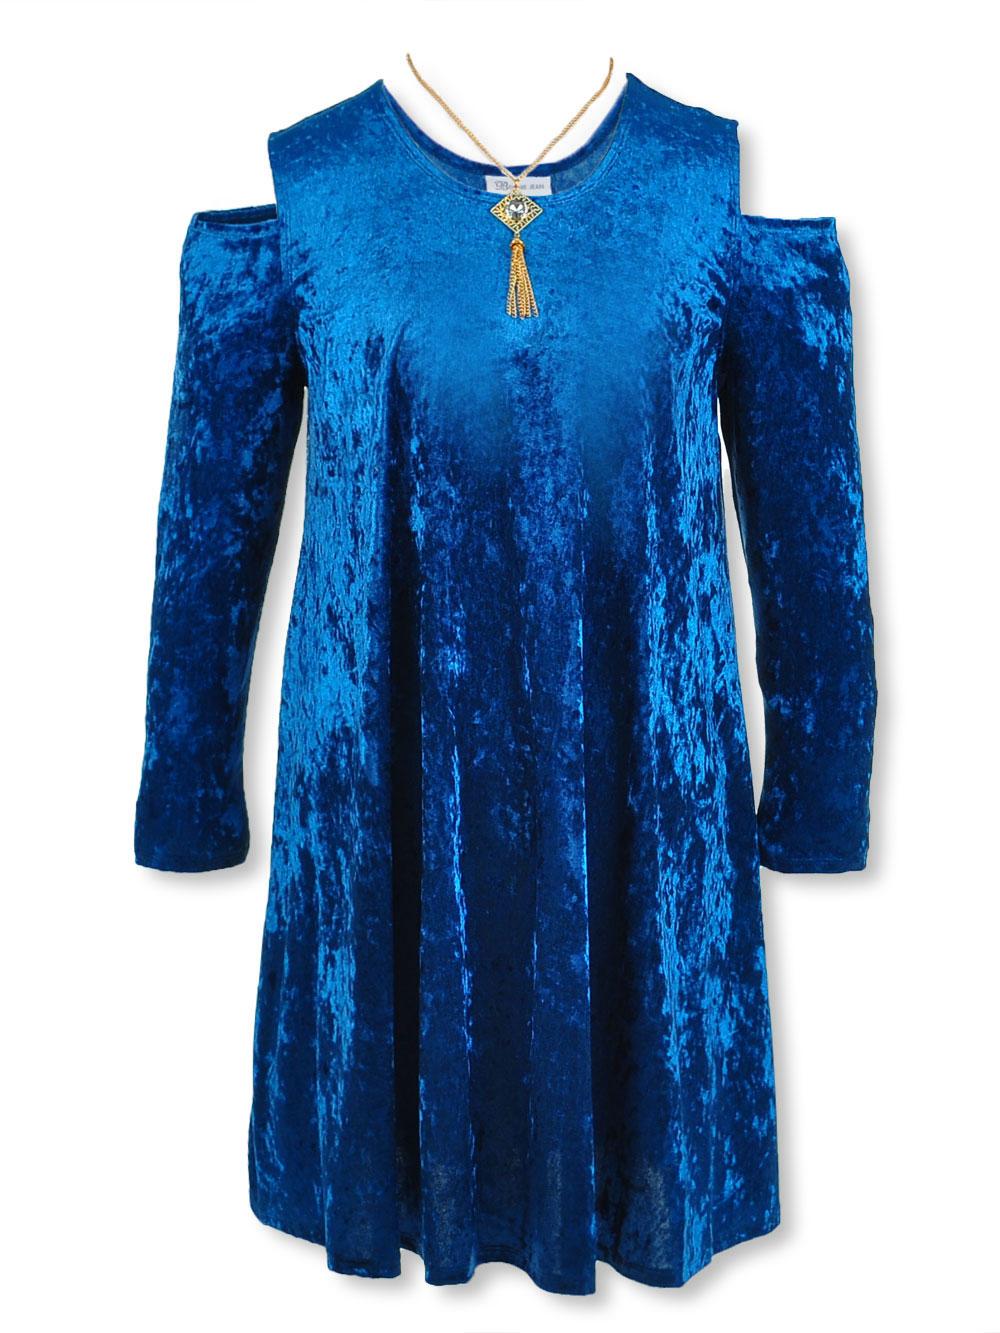 91953c75d8e Bonnie Jean Girls' Big Girls' Plus Size Dress with Necklace